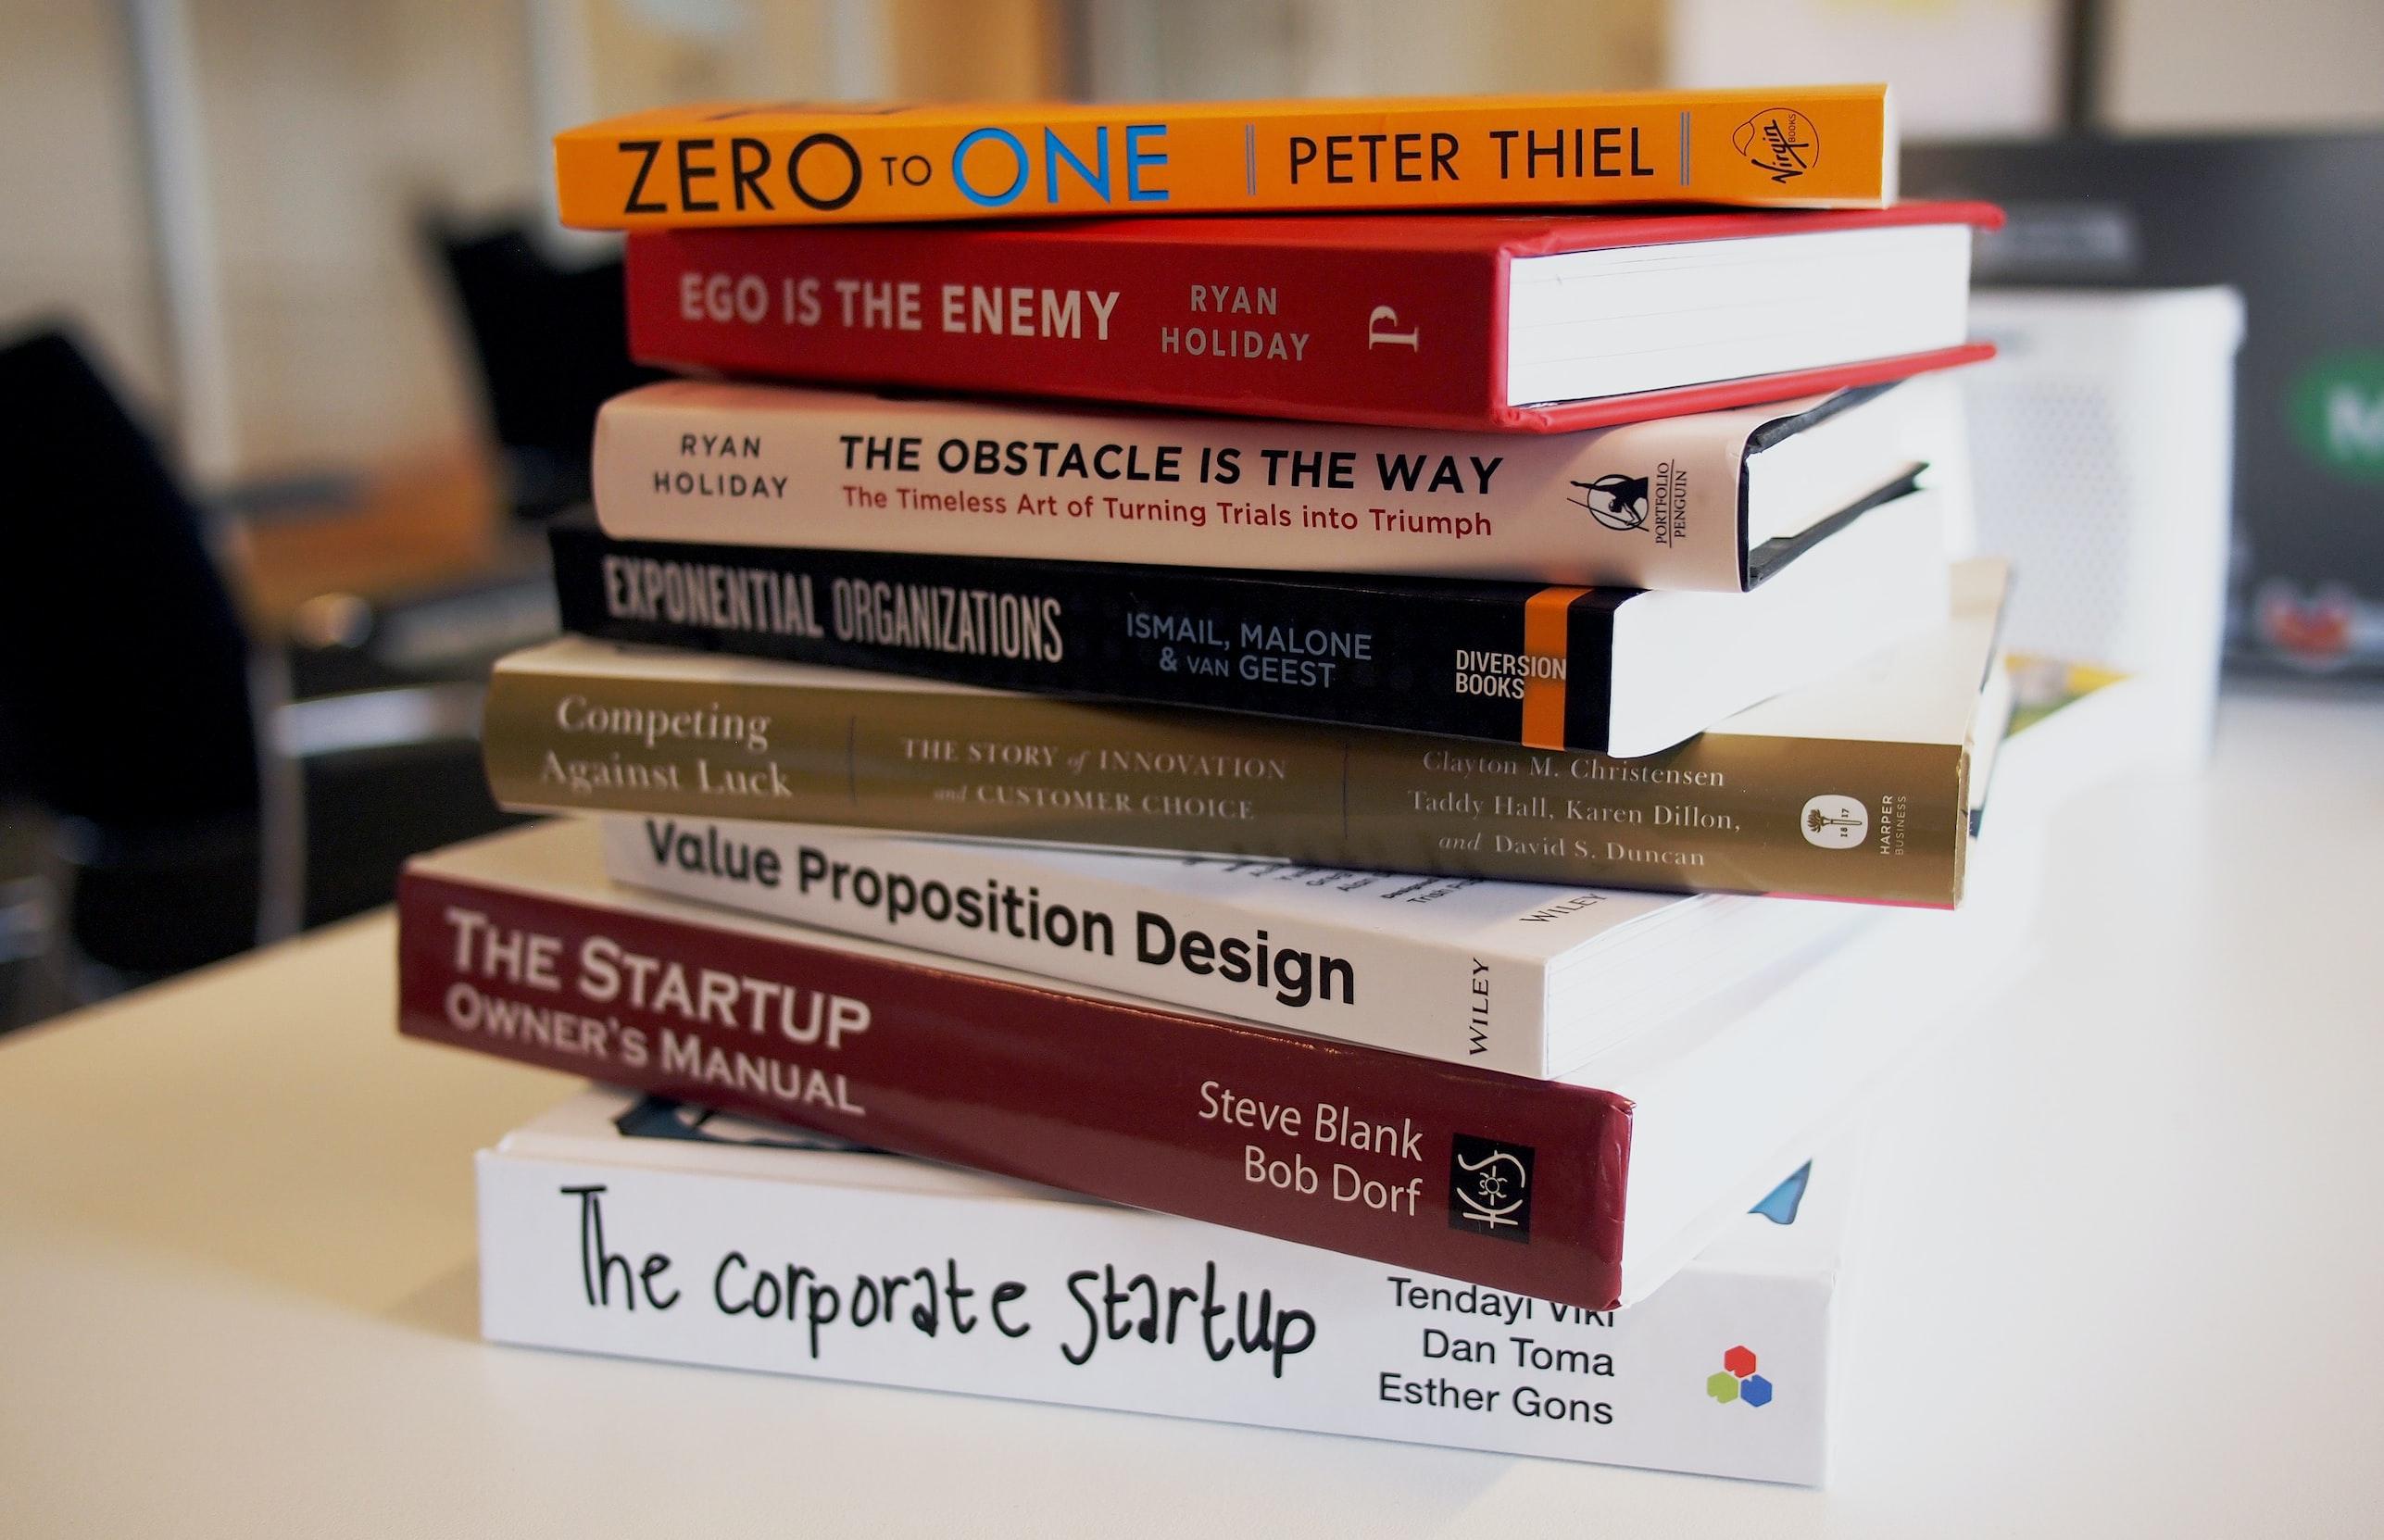 Ontwikkel jezelf met deze boeken